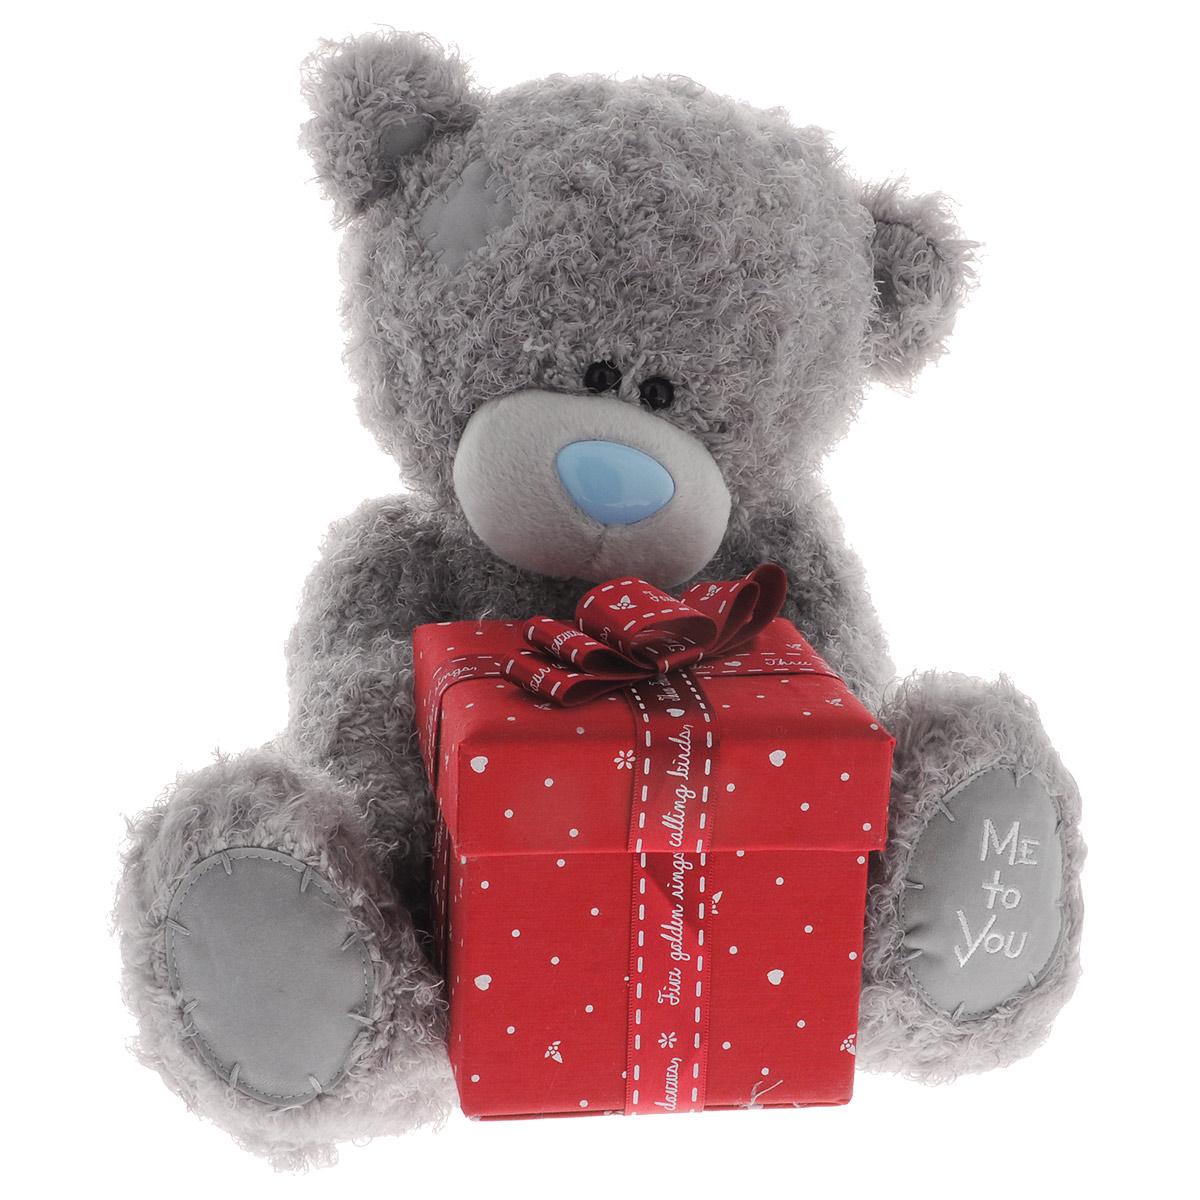 Me to You Мягкая игрушка Мишка Тедди с подарком, 30,5 смG01W3308Очаровательная игрушка Me to You Мишка Тедди выполнена в виде трогательного медвежонка. Игрушка изготовлена из высококачественных текстильных материалов. Специальные гранулы, используемые при ее набивке, способствуют развитию мелкой моторики рук малыша. Глазки и носик выполнены из пластика. В лапках медвежонок держит подарочную коробочку, выполненную из плотного картона, и украшенную атласными лентами и бантом. Коробочку можно открыть и положить в нее небольшой подарок. Удивительно мягкая игрушка принесет радость и подарит своему обладателю мгновения нежных объятий и приятных воспоминаний. Долгая история Мишки Тедди создала целый культ в истории, про него снимали мультфильмы и фильмы, сочиняли сказки и песни, он был любимцем детей и взрослых множество лет и является им сейчас. Нет лучшего подарка для ребенка или для девушки, чем Мишка Тедди от Me To You. Он способен выразить Вашу любовь, заботу или дружбу. Он подарит огромное количество любви и ласки...